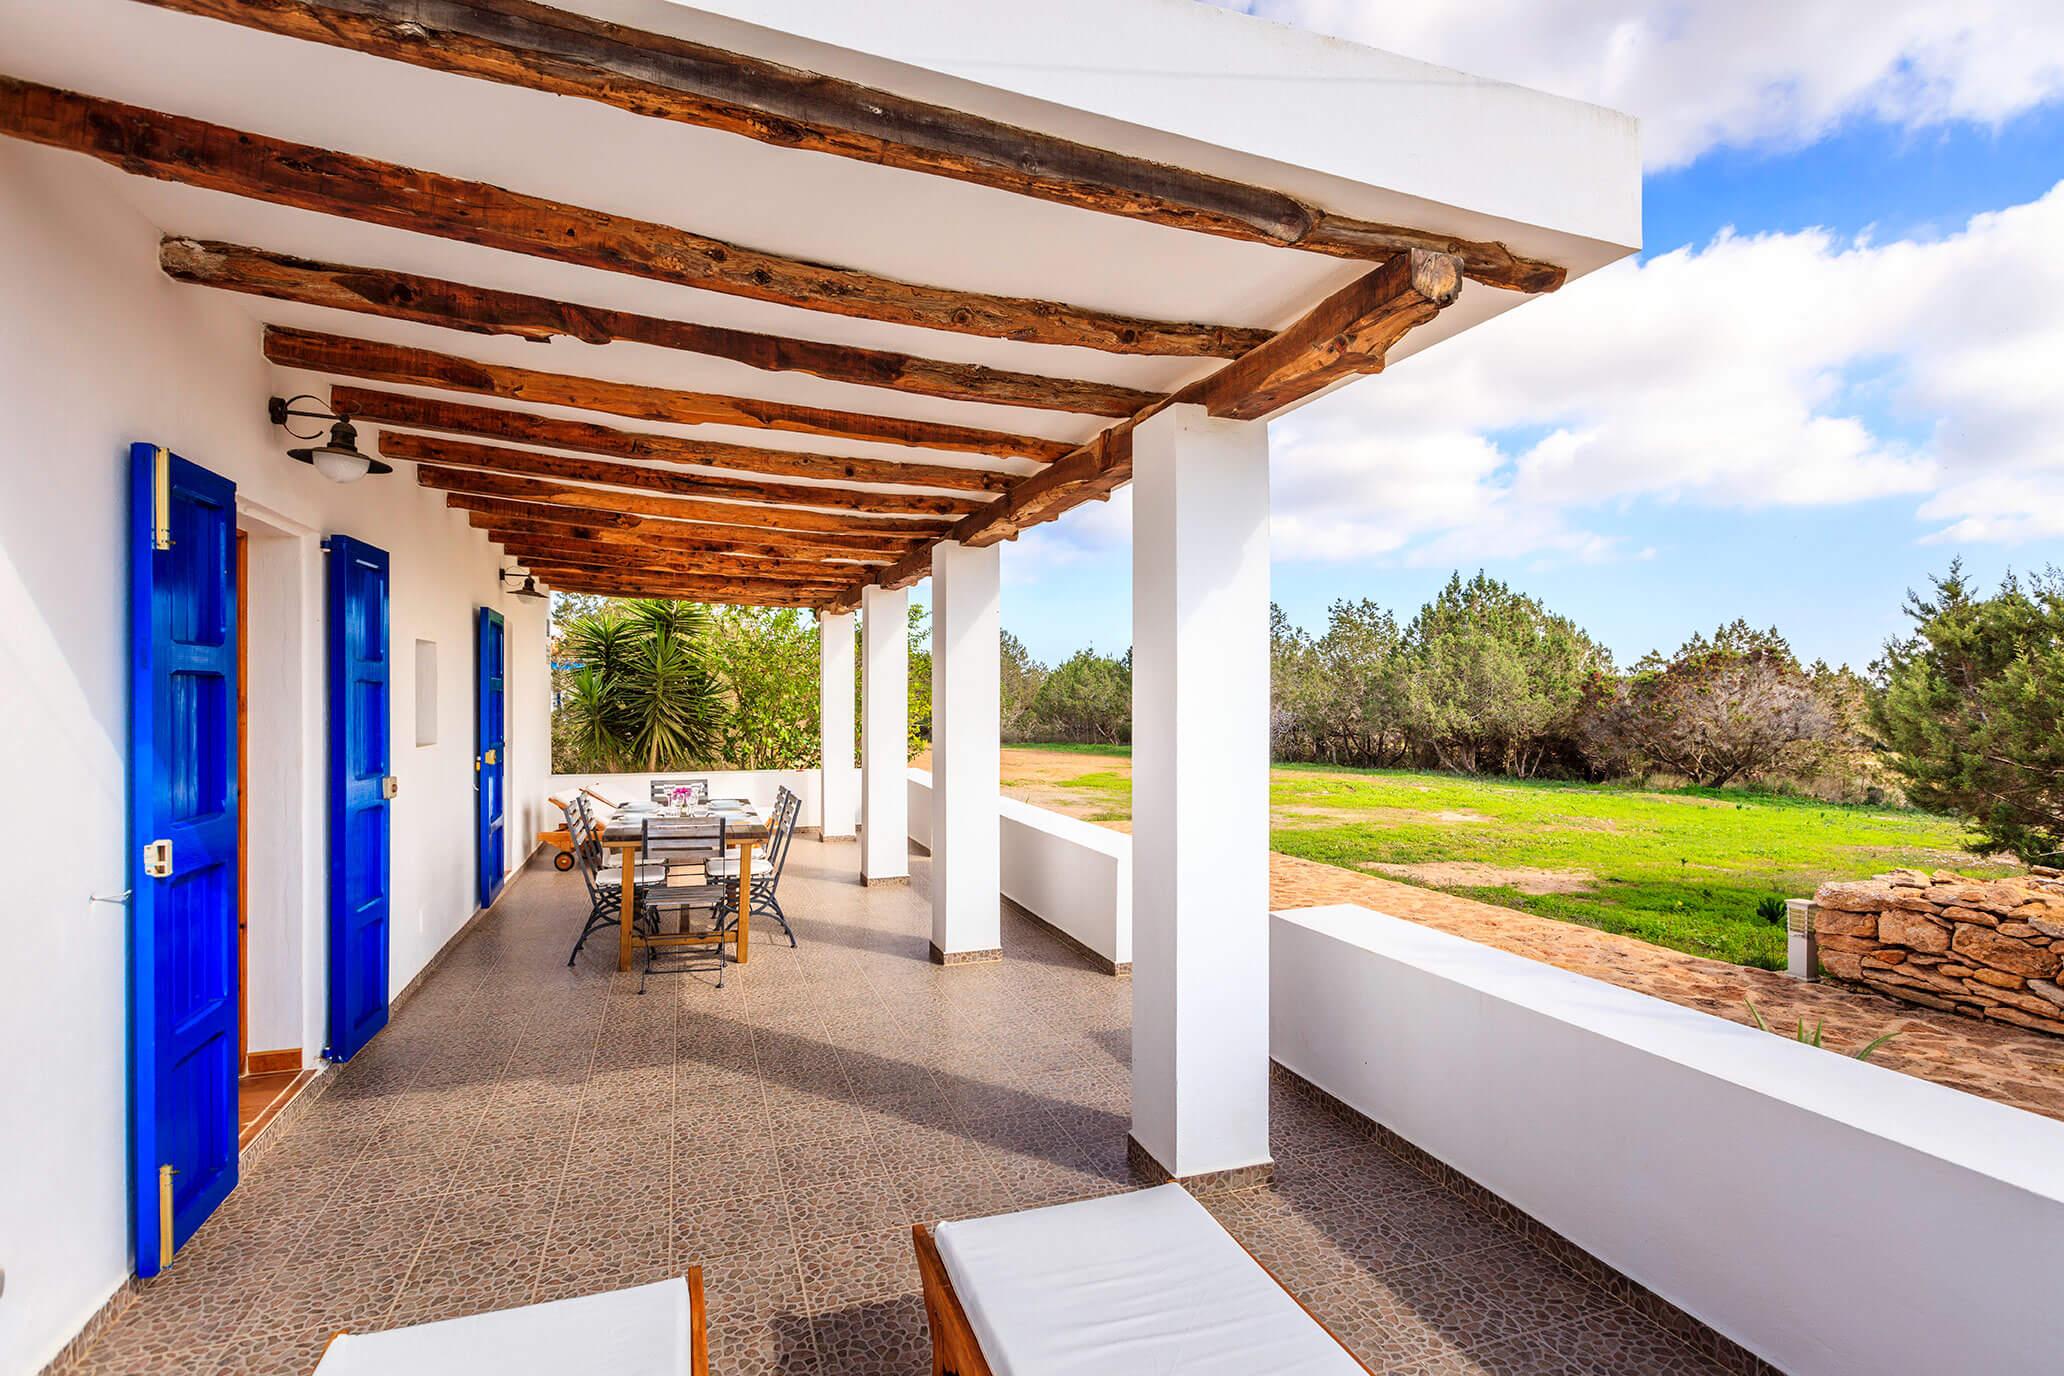 Casa rural Can Carlets con terraza y jardín privado de olivos. Alojamientos turísticos Cardona en Formentera.